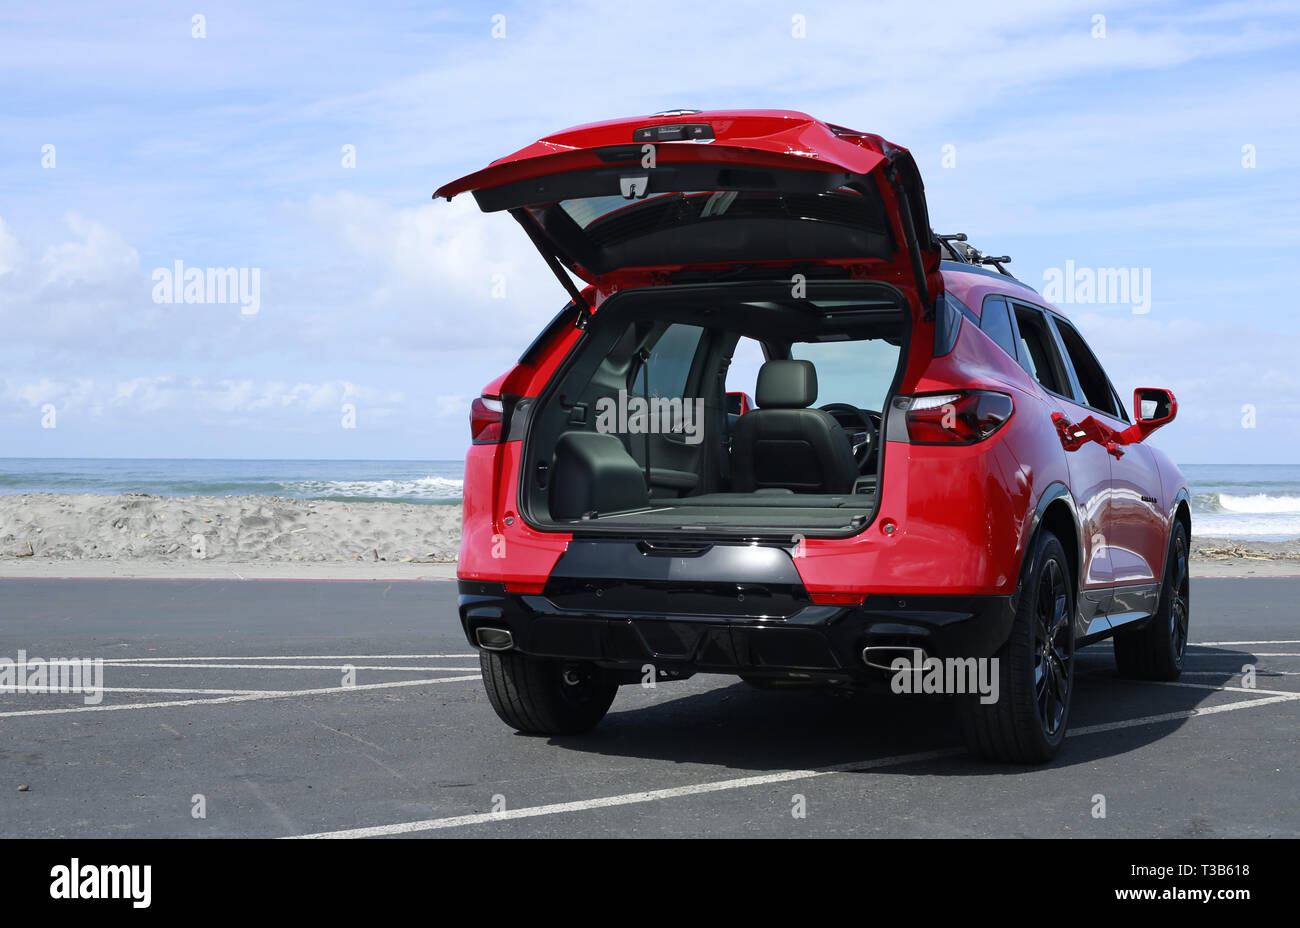 San Elijo State Beach Stock Photos & San Elijo State Beach